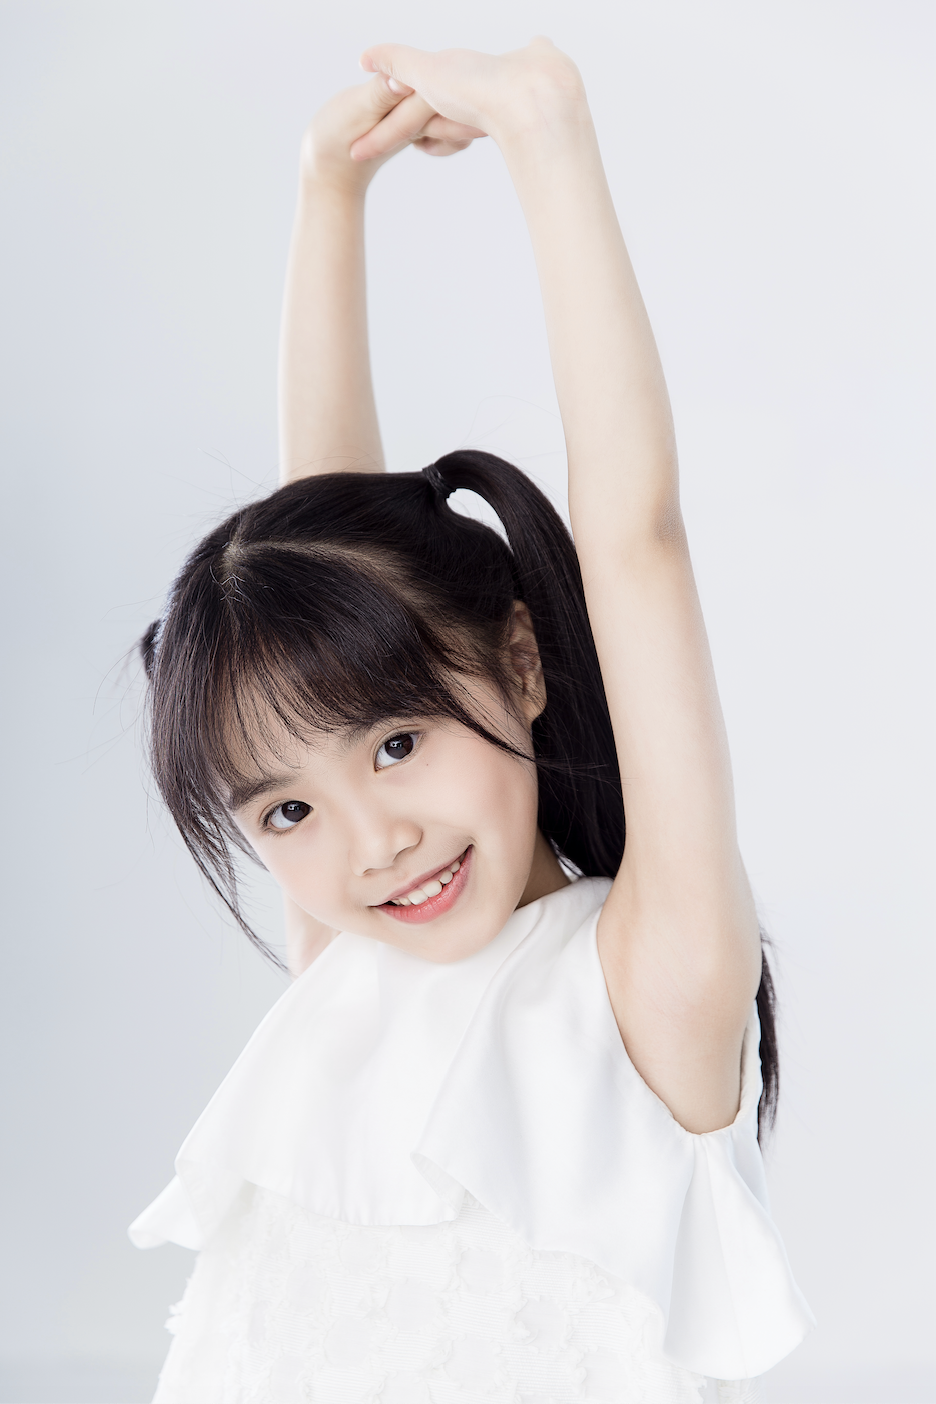 《夺冠》热映燃情女排 《百度好奇夜》薇妮饰演童年郎平